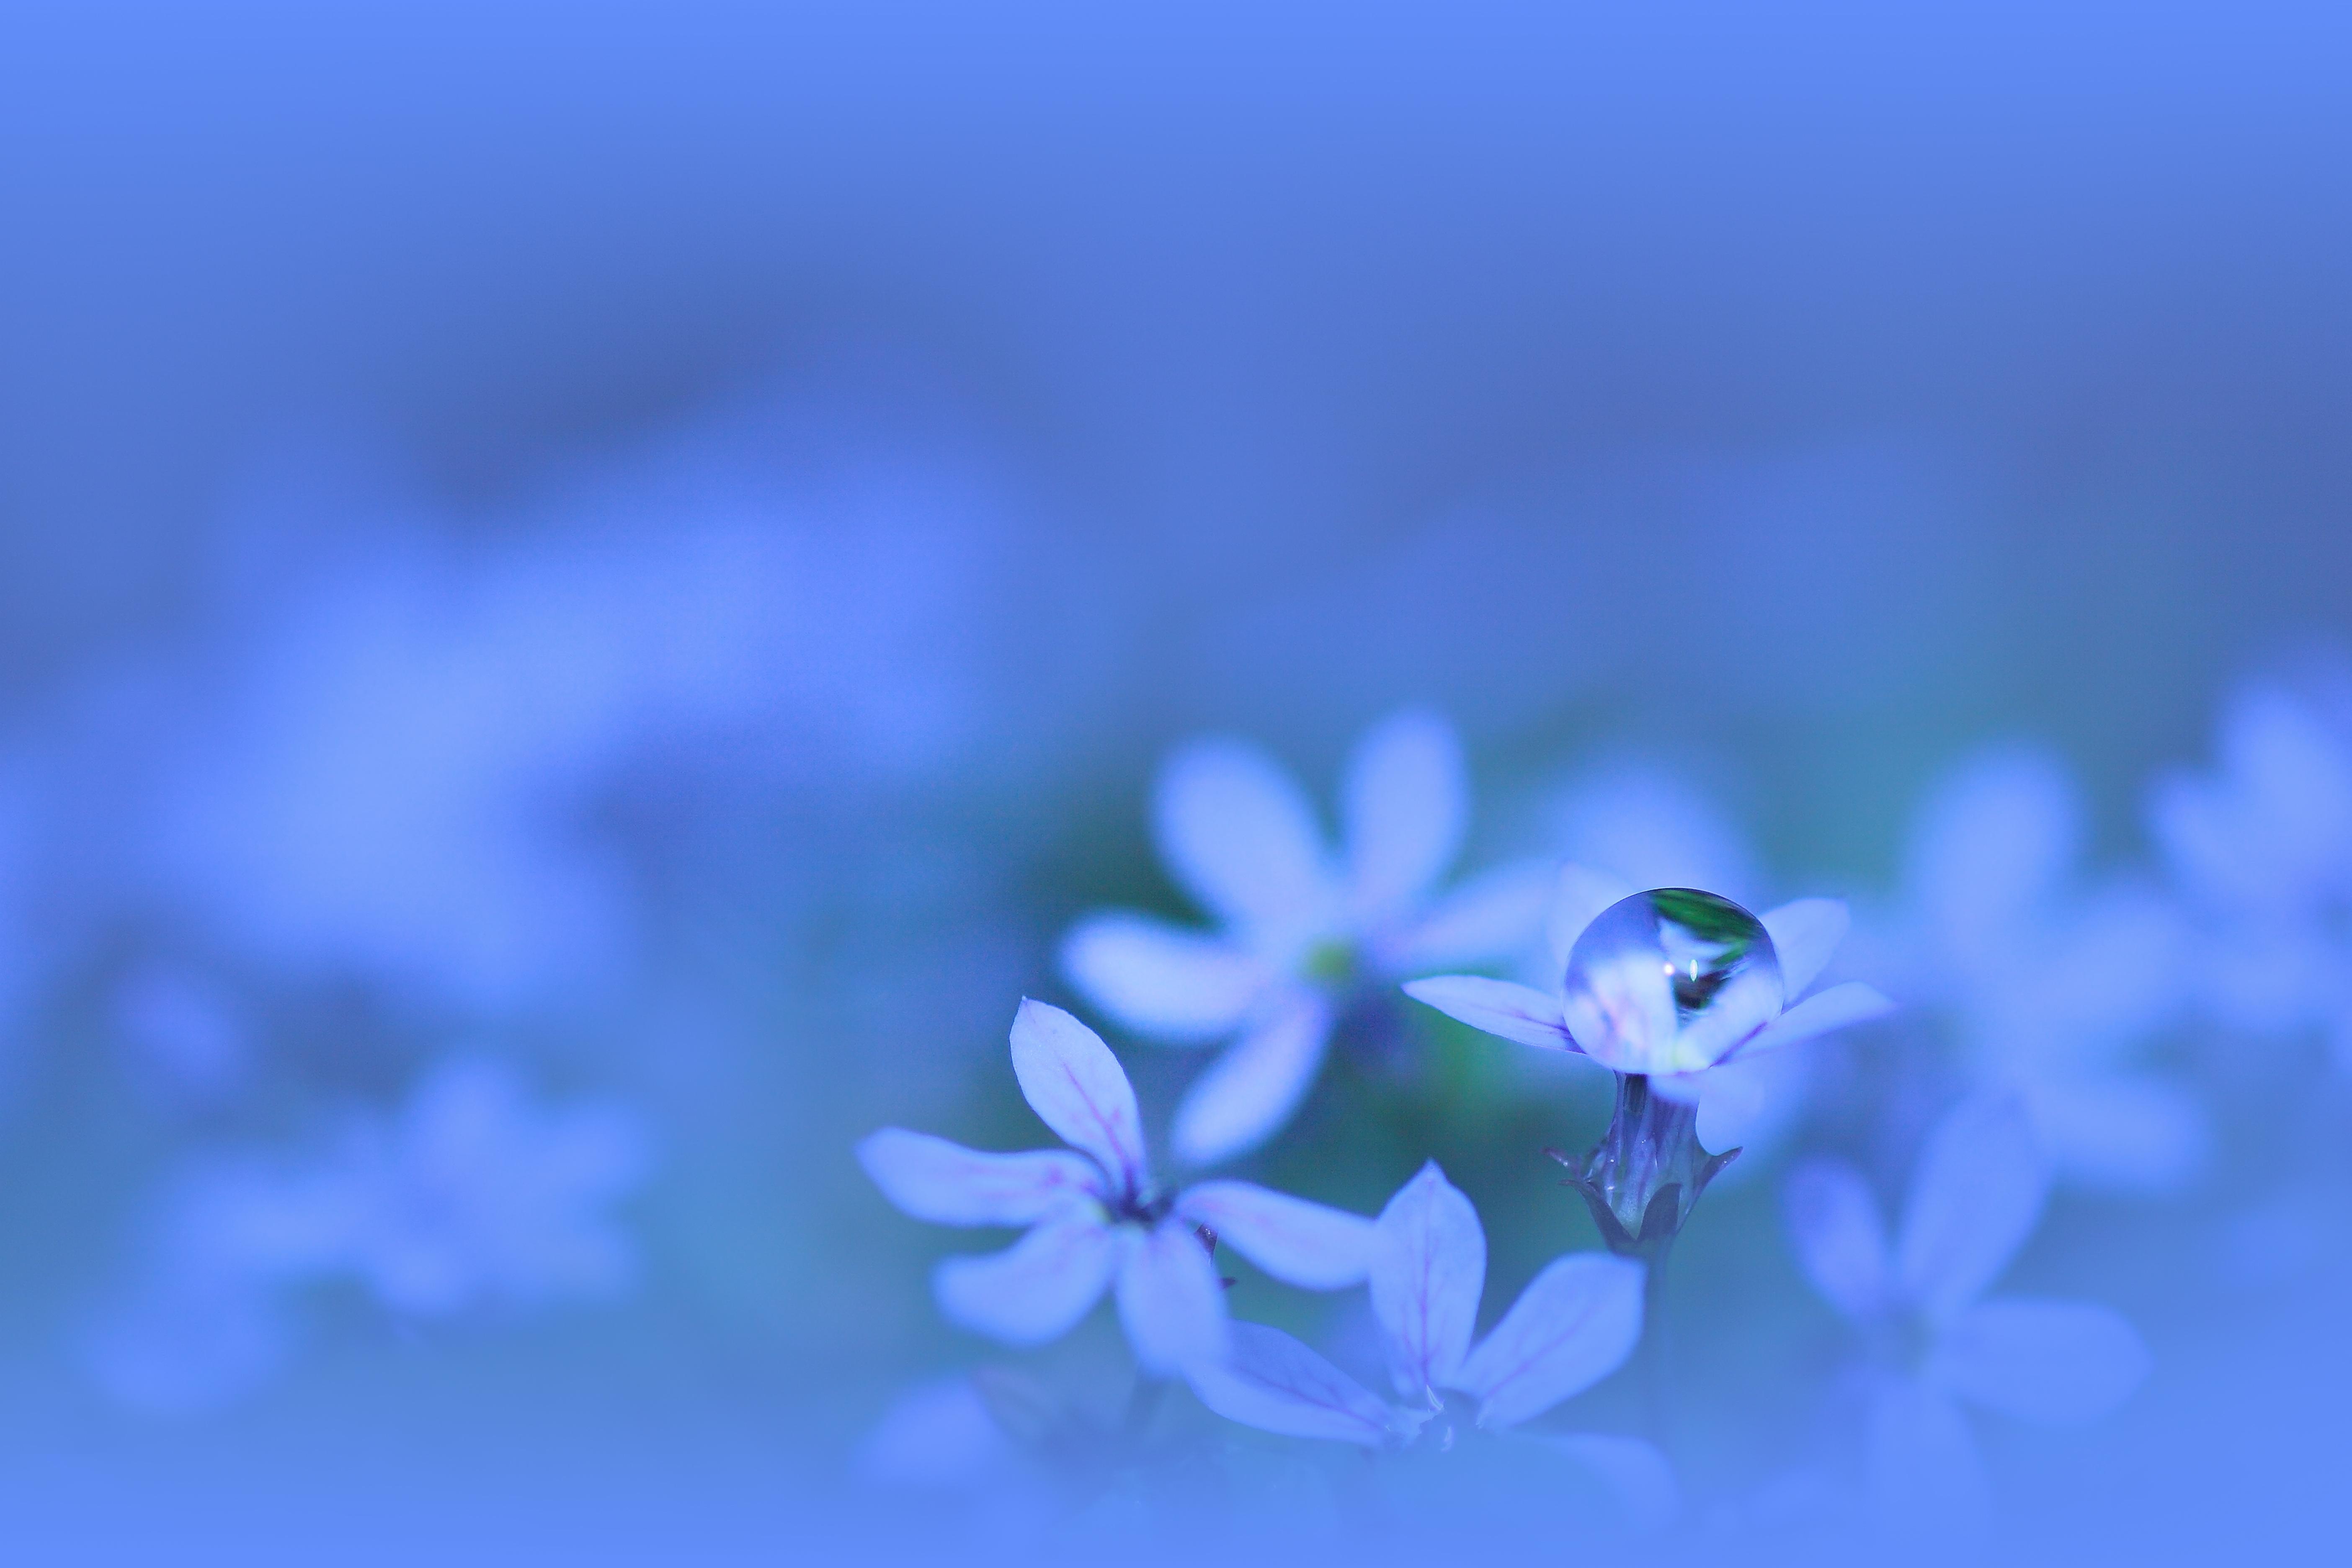 синие цветы незабудки крупный план роса  № 2779685 бесплатно